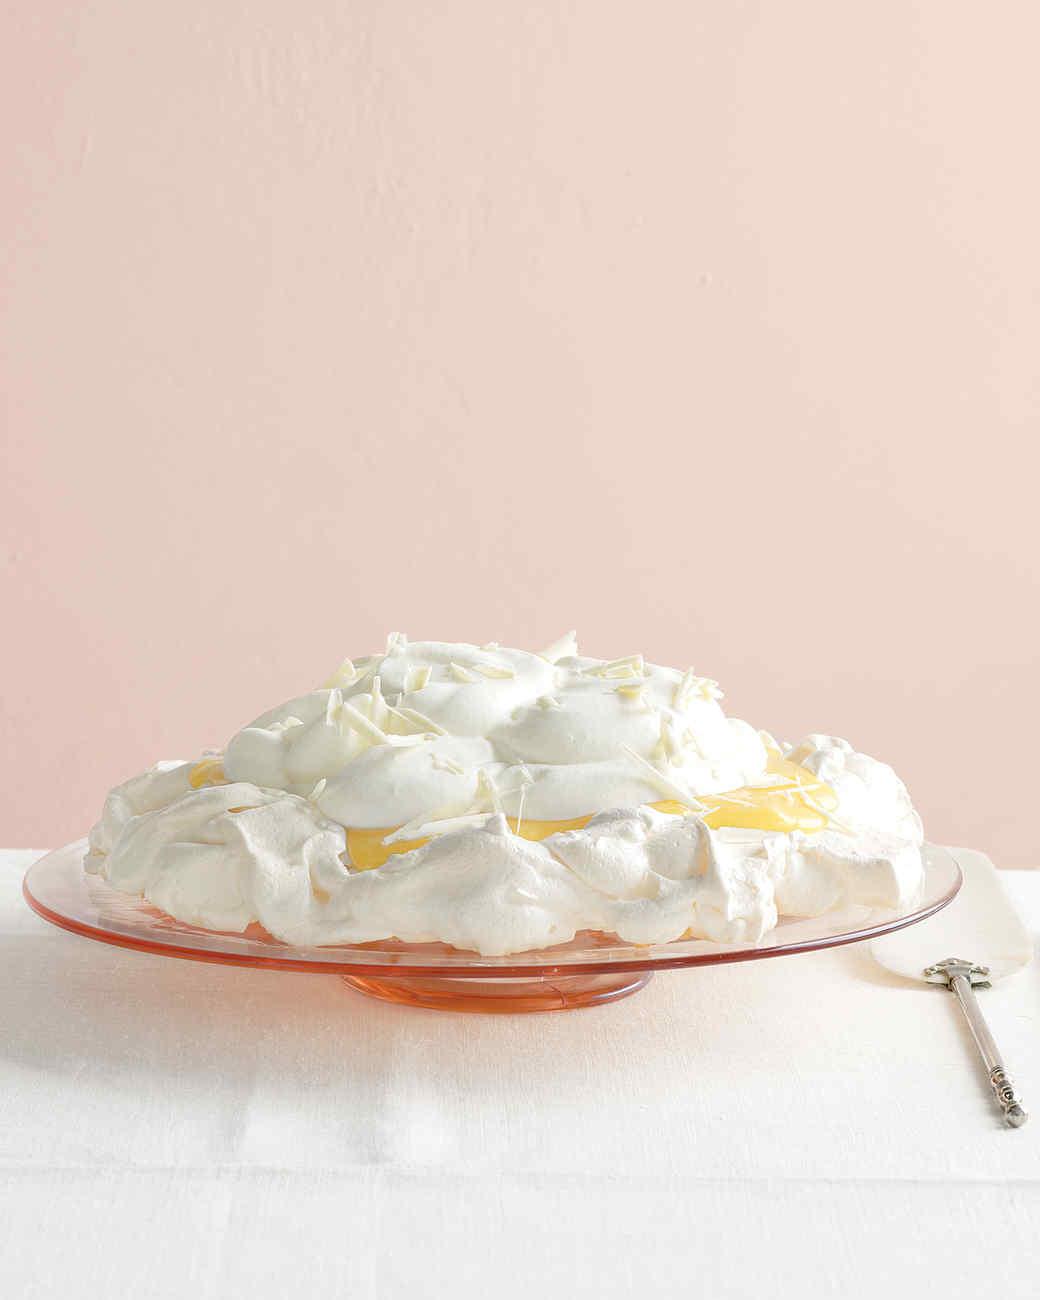 orange-cream-pavlova-med107742.jpg